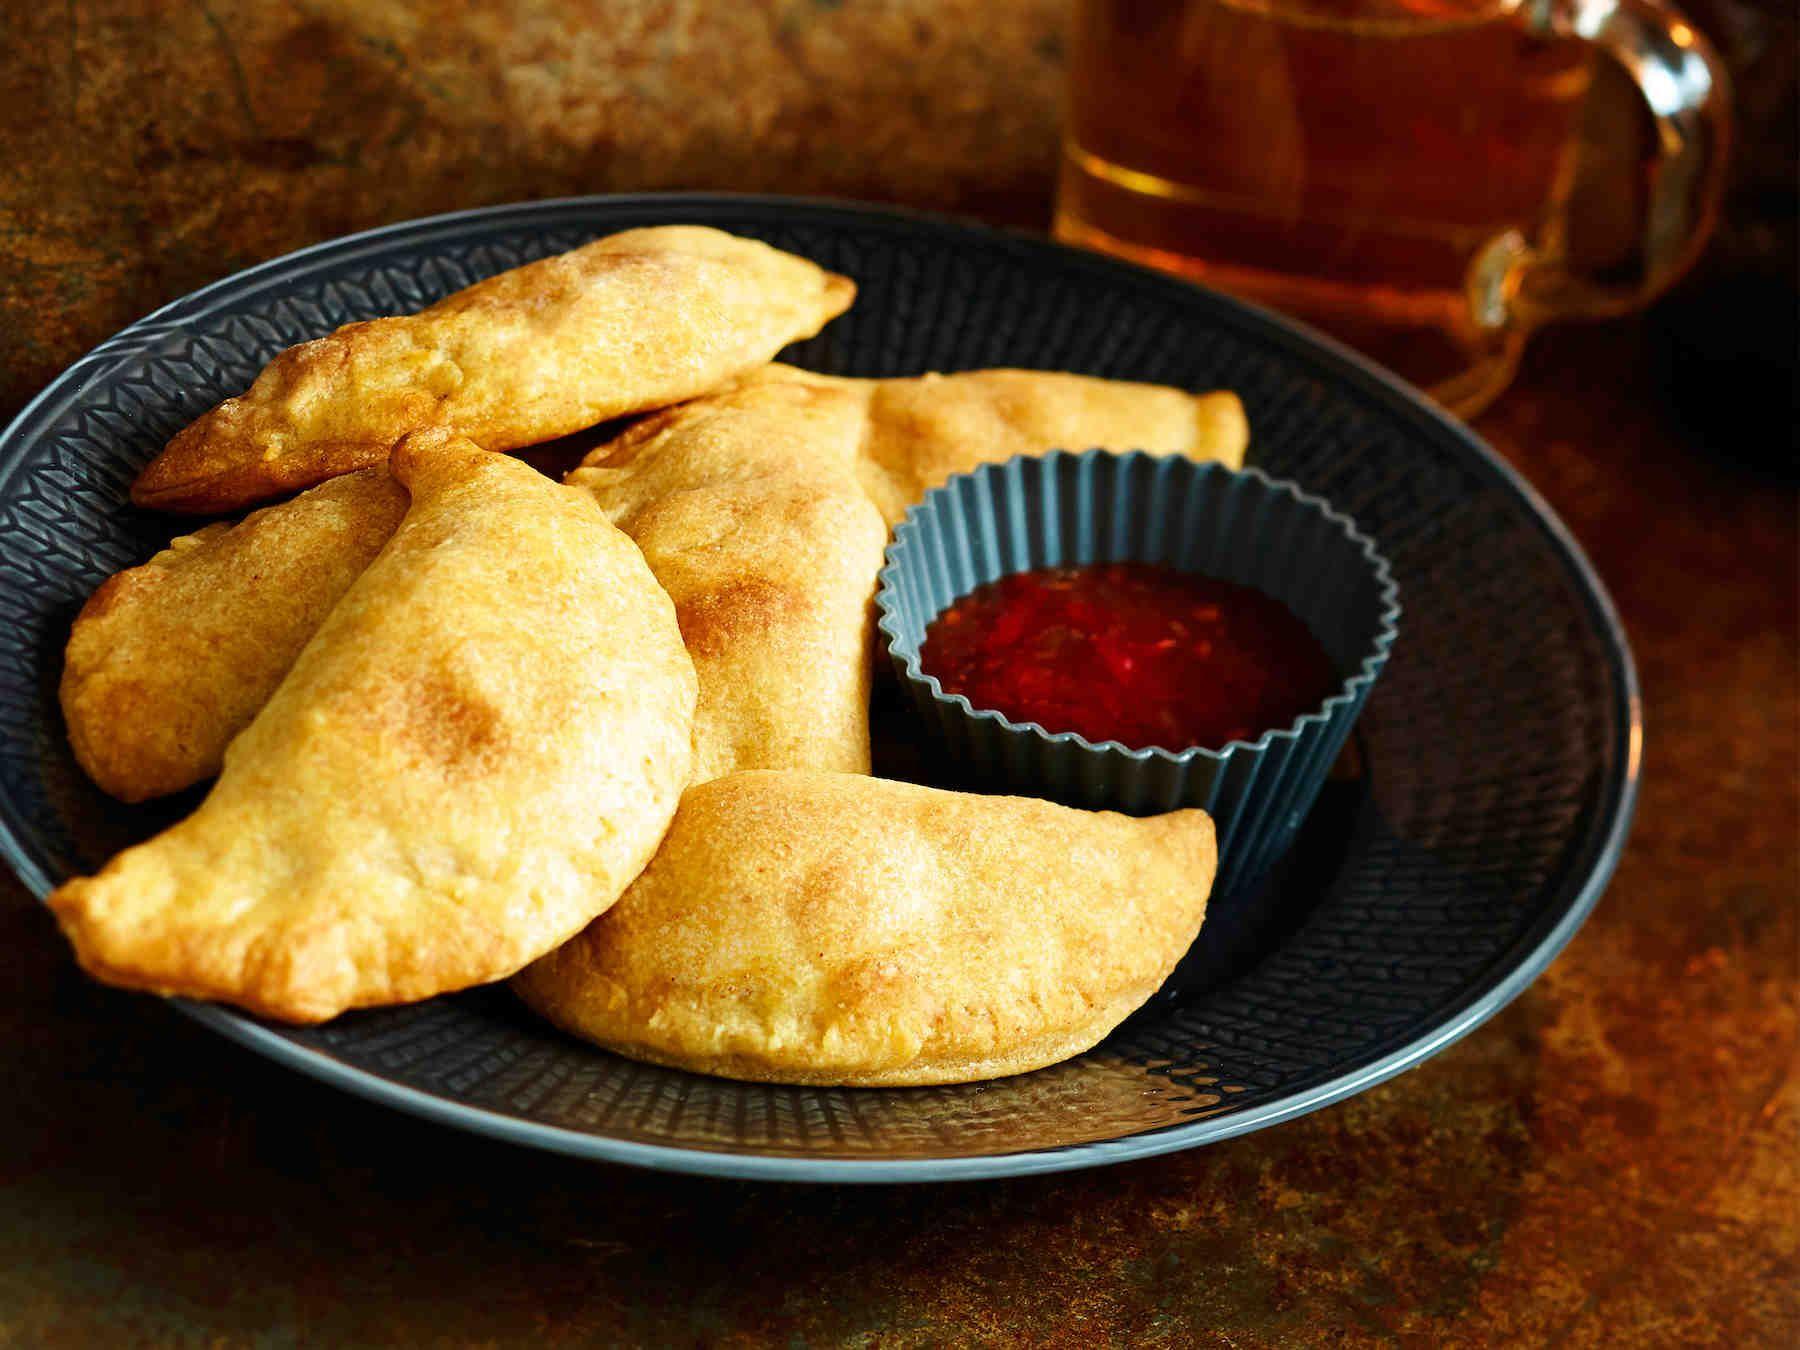 Piilota rahkavoitaikinaan broileria, chilitahnaa ja hunajaa. Broileripasteijat maistuvat illanistujaisissa ja sopivat seisovaan pöytään.